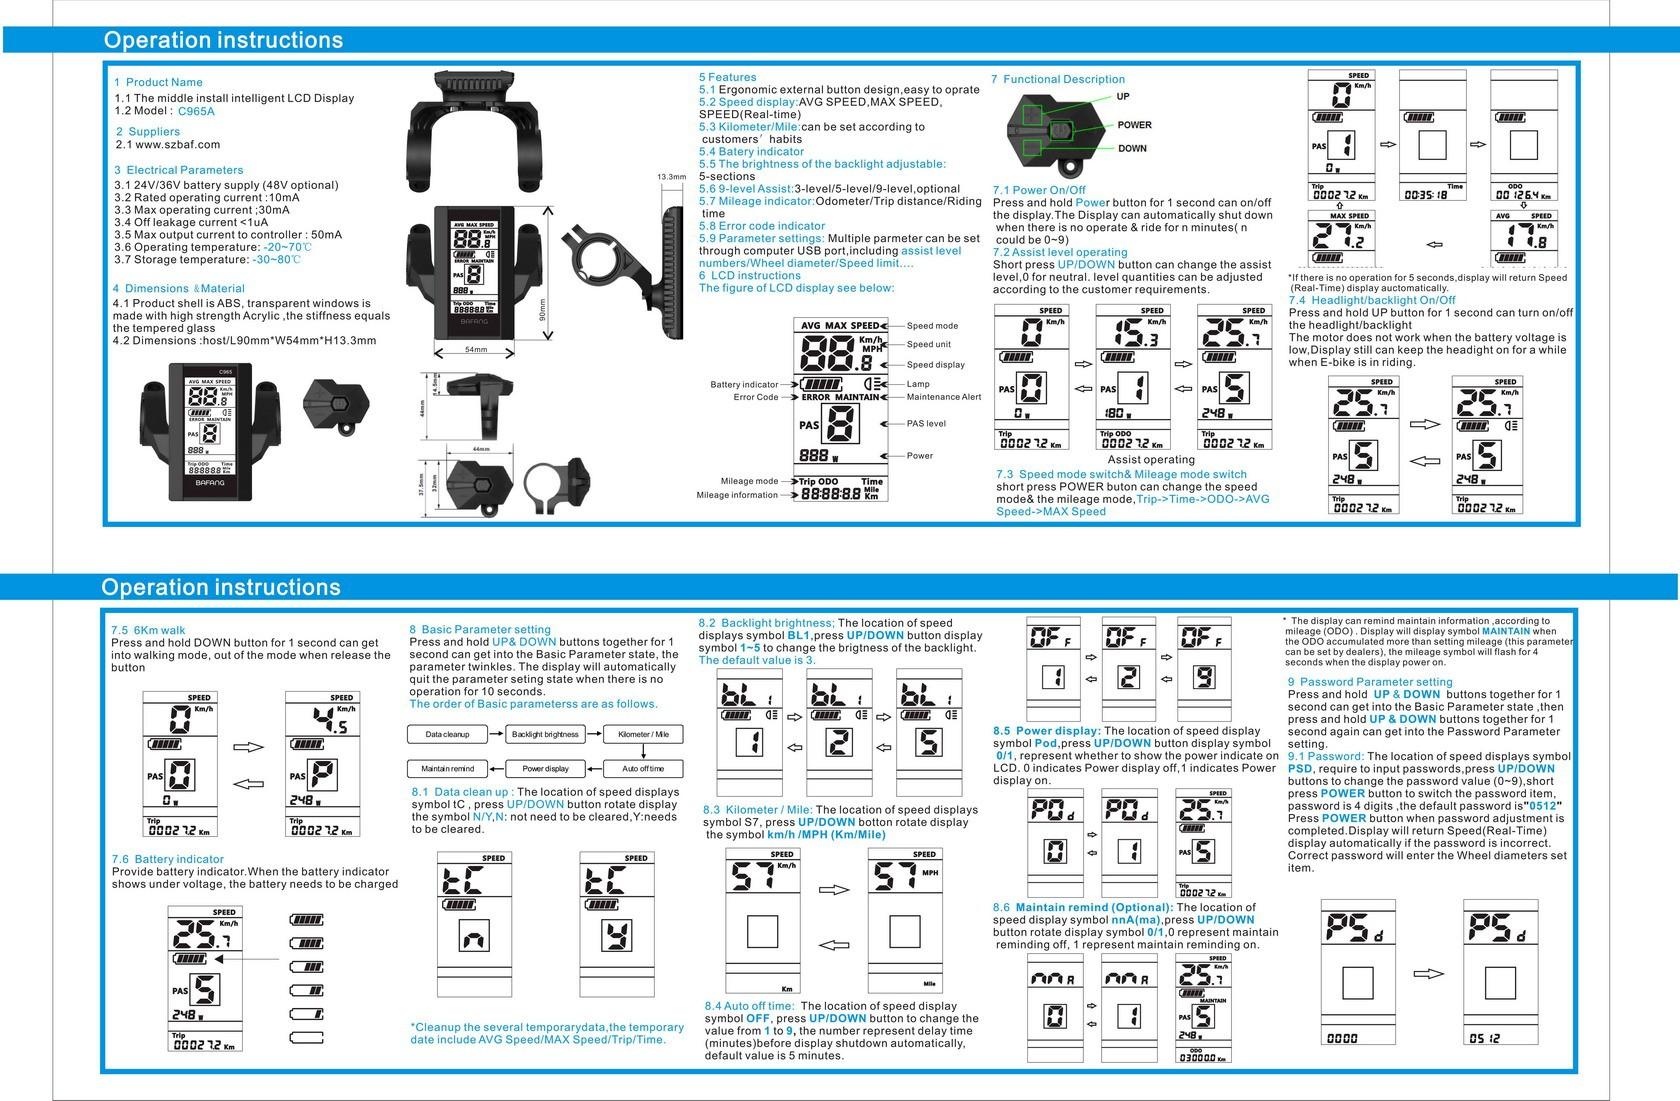 Bafang bbs02 manual